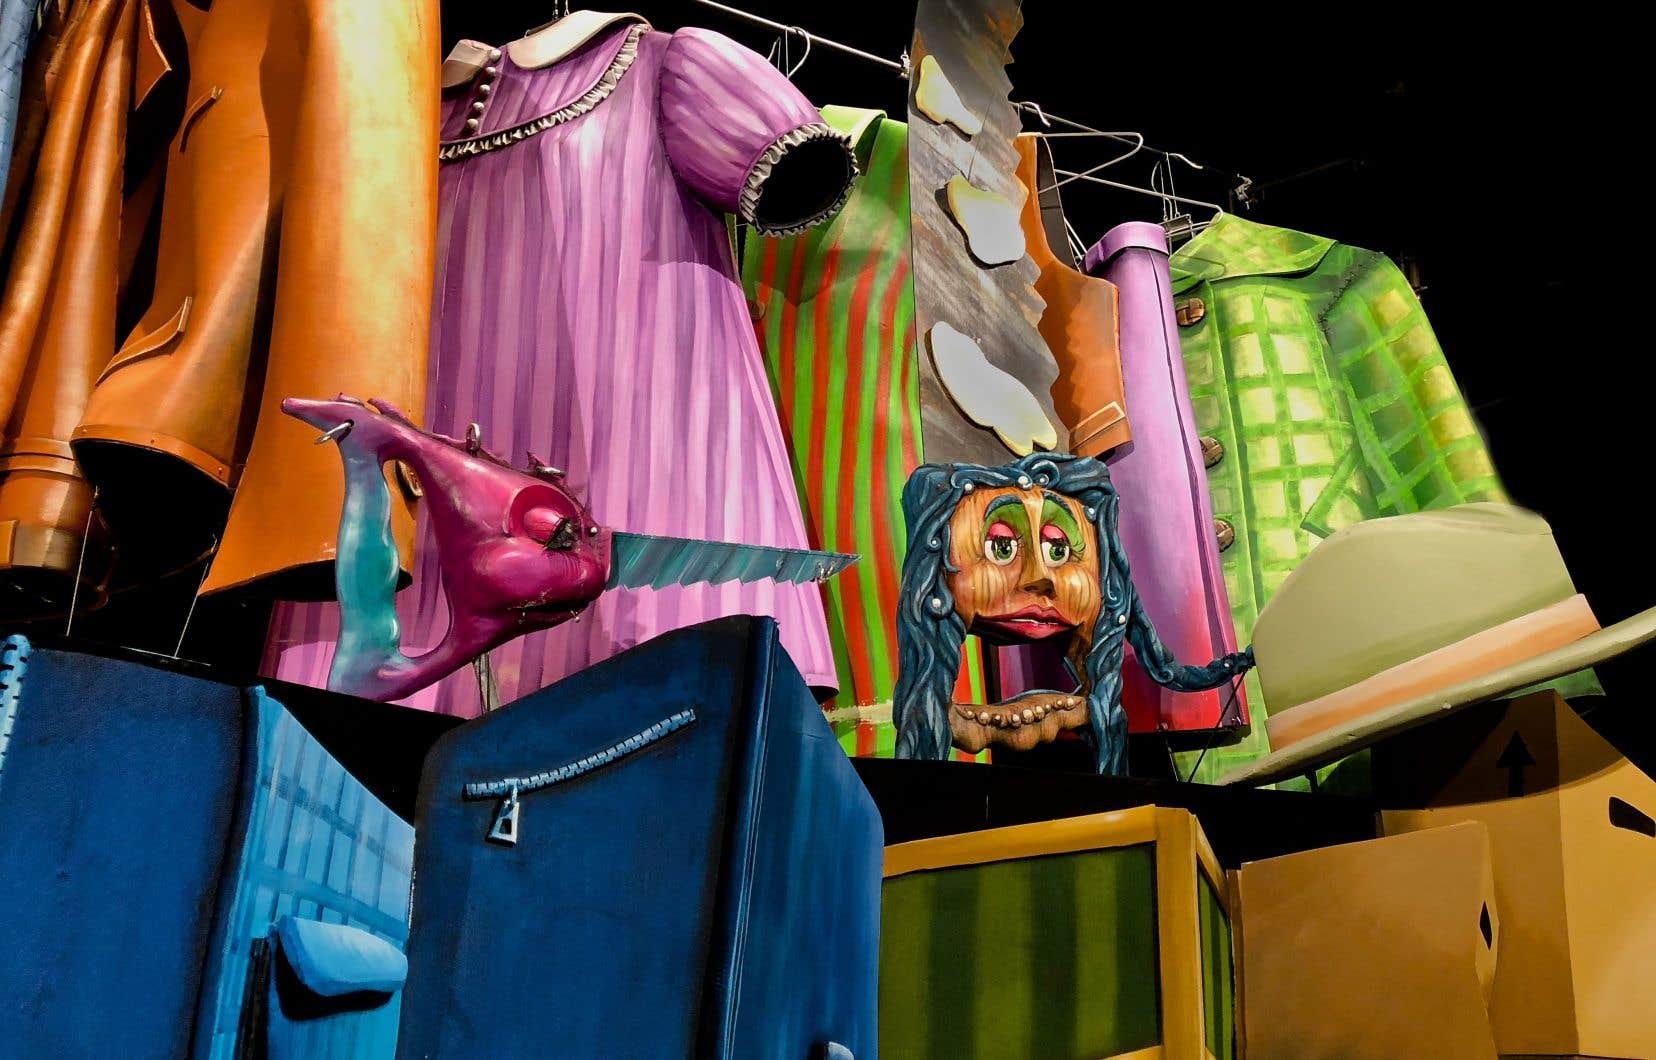 «Le grand bric-à-brac» situe l'action dans la rue, du moins dans une vente de garage, entourée d'objets.